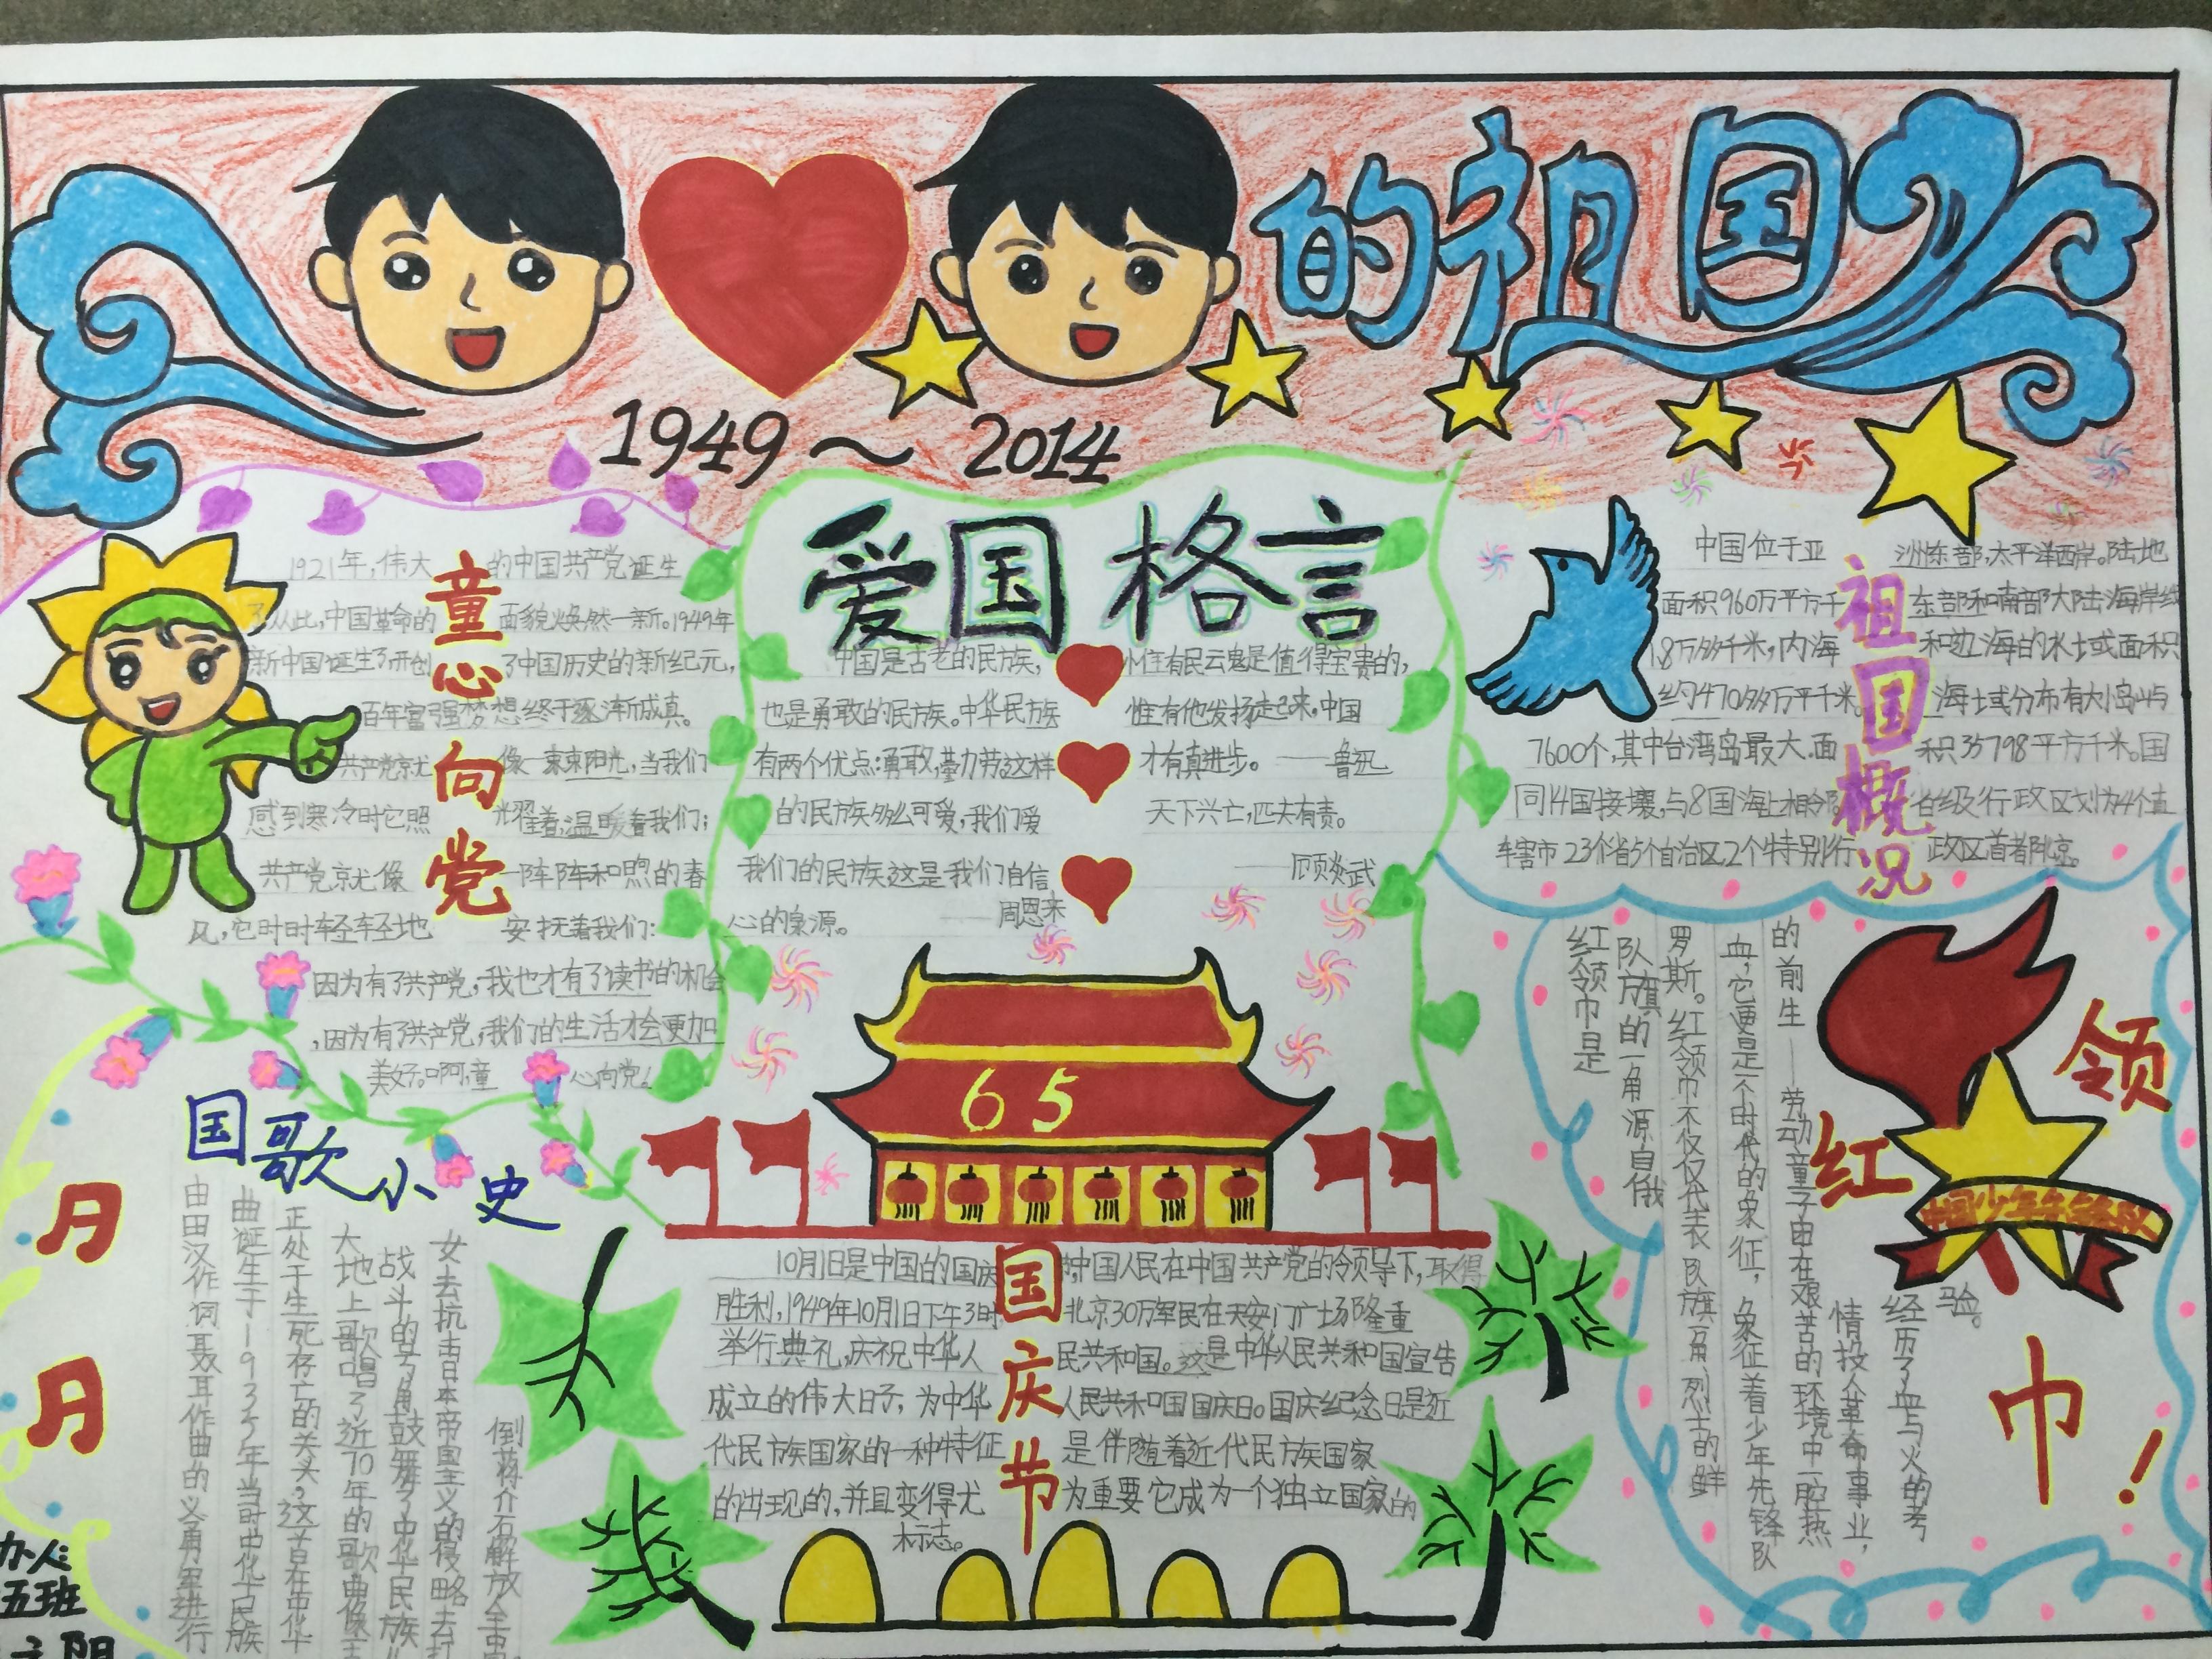 庆祝祖国母亲65岁生日手抄报